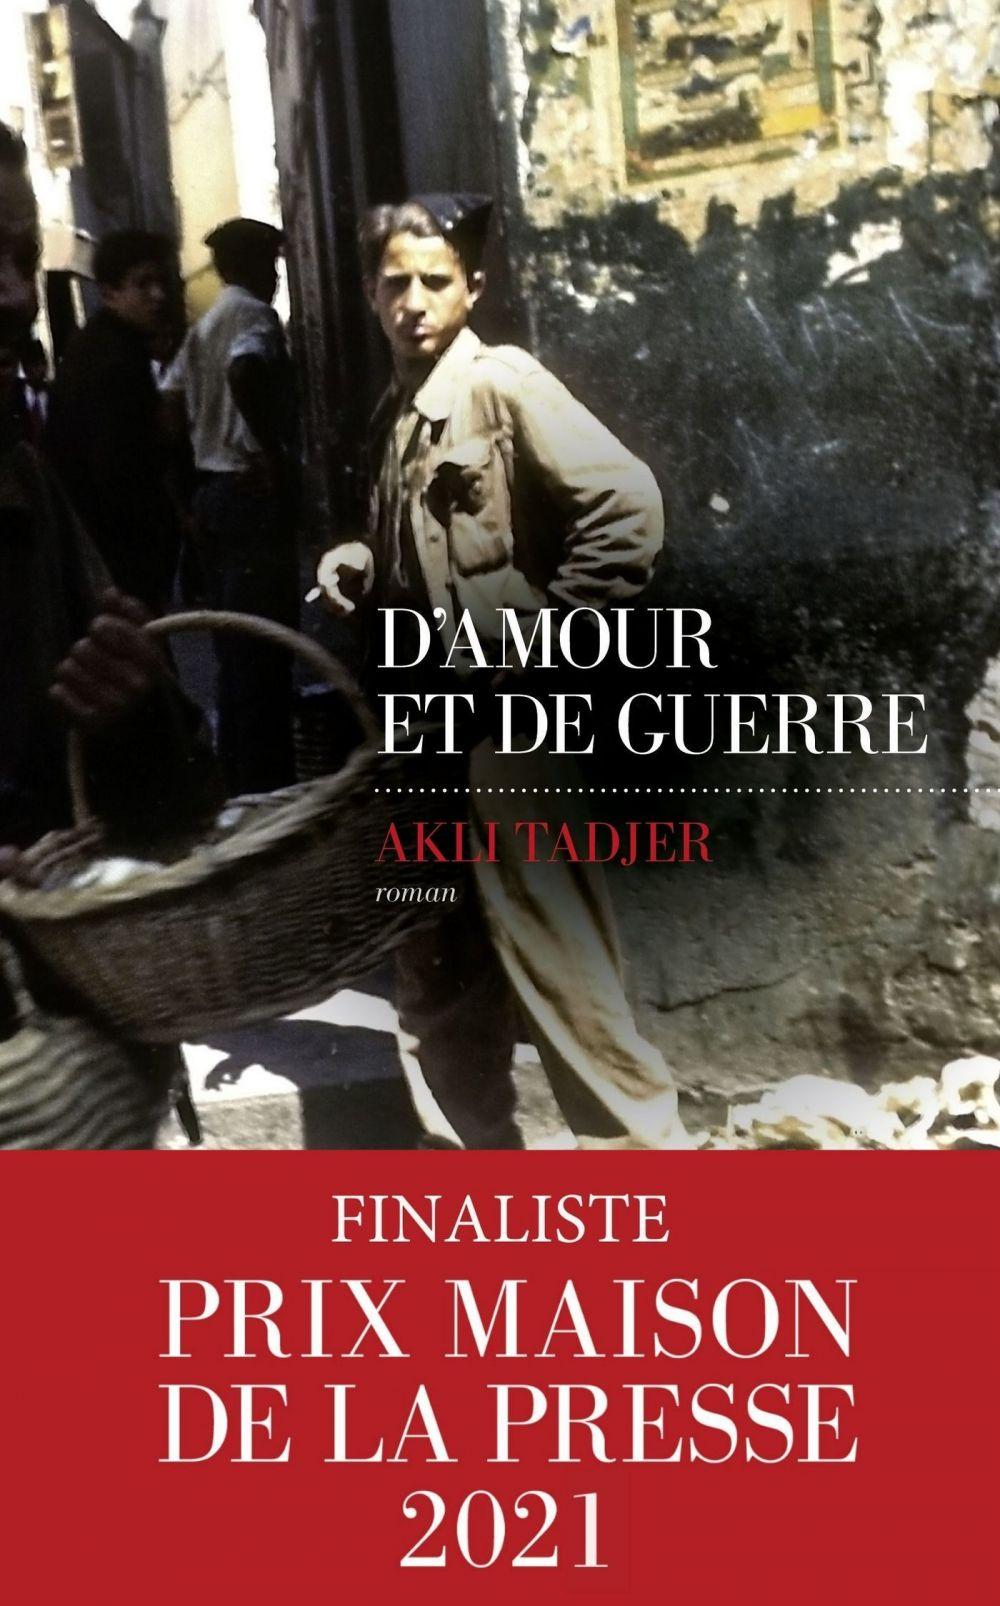 D'Amour et de guerre - Finaliste Prix Maison de la Presse 2021   TADJER, Akli. Auteur